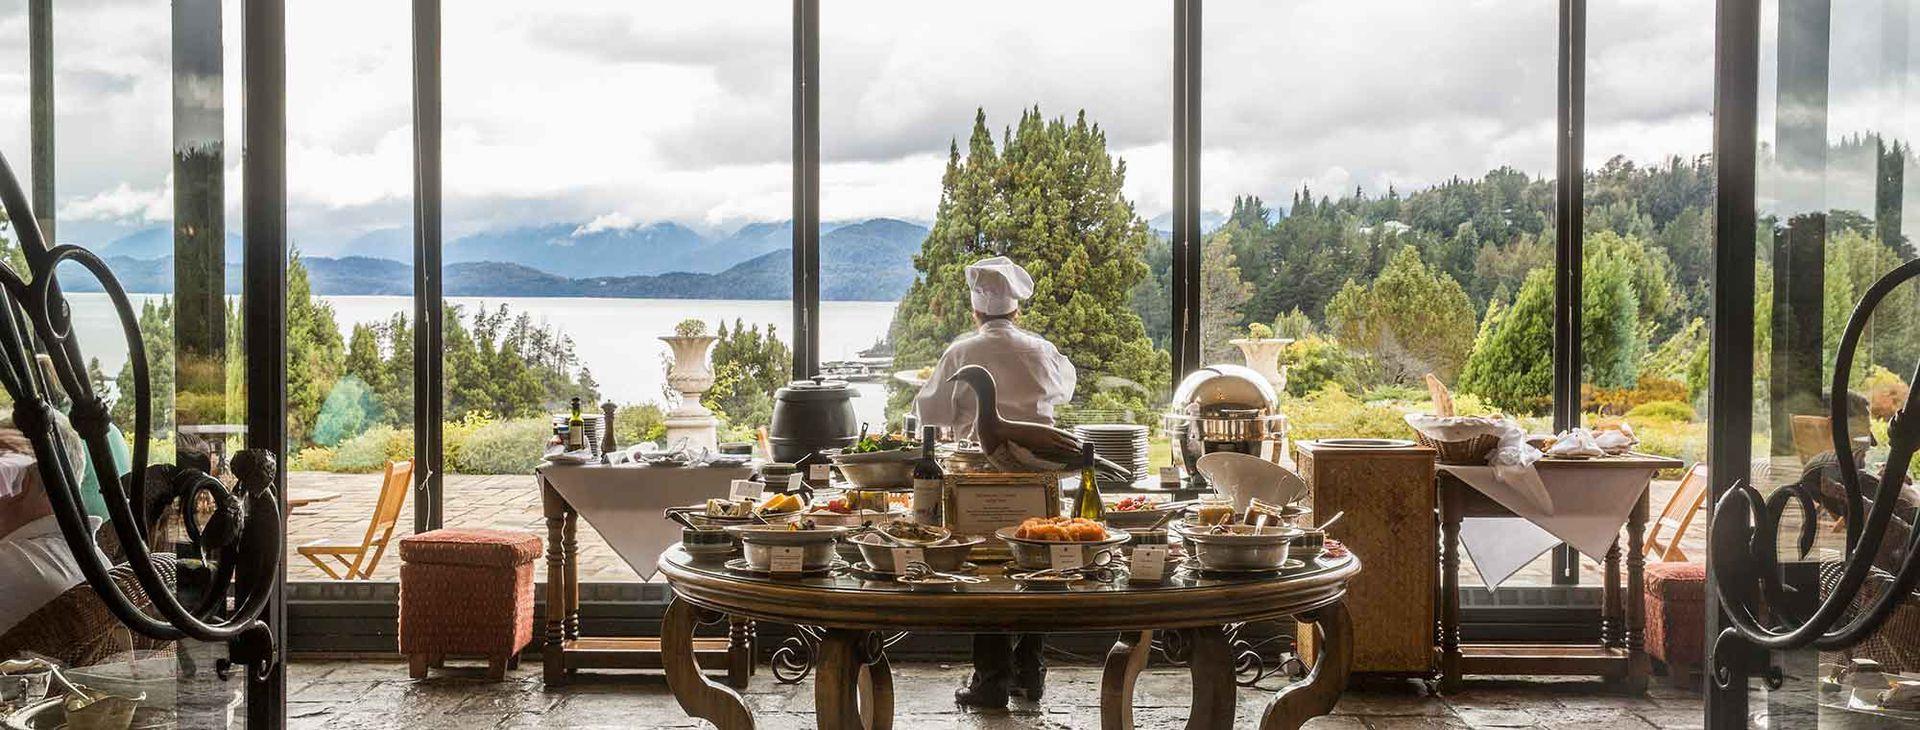 El clásico Llao Llao, siempe vigente para desayunar, almorzar o merendar con buenas vistas